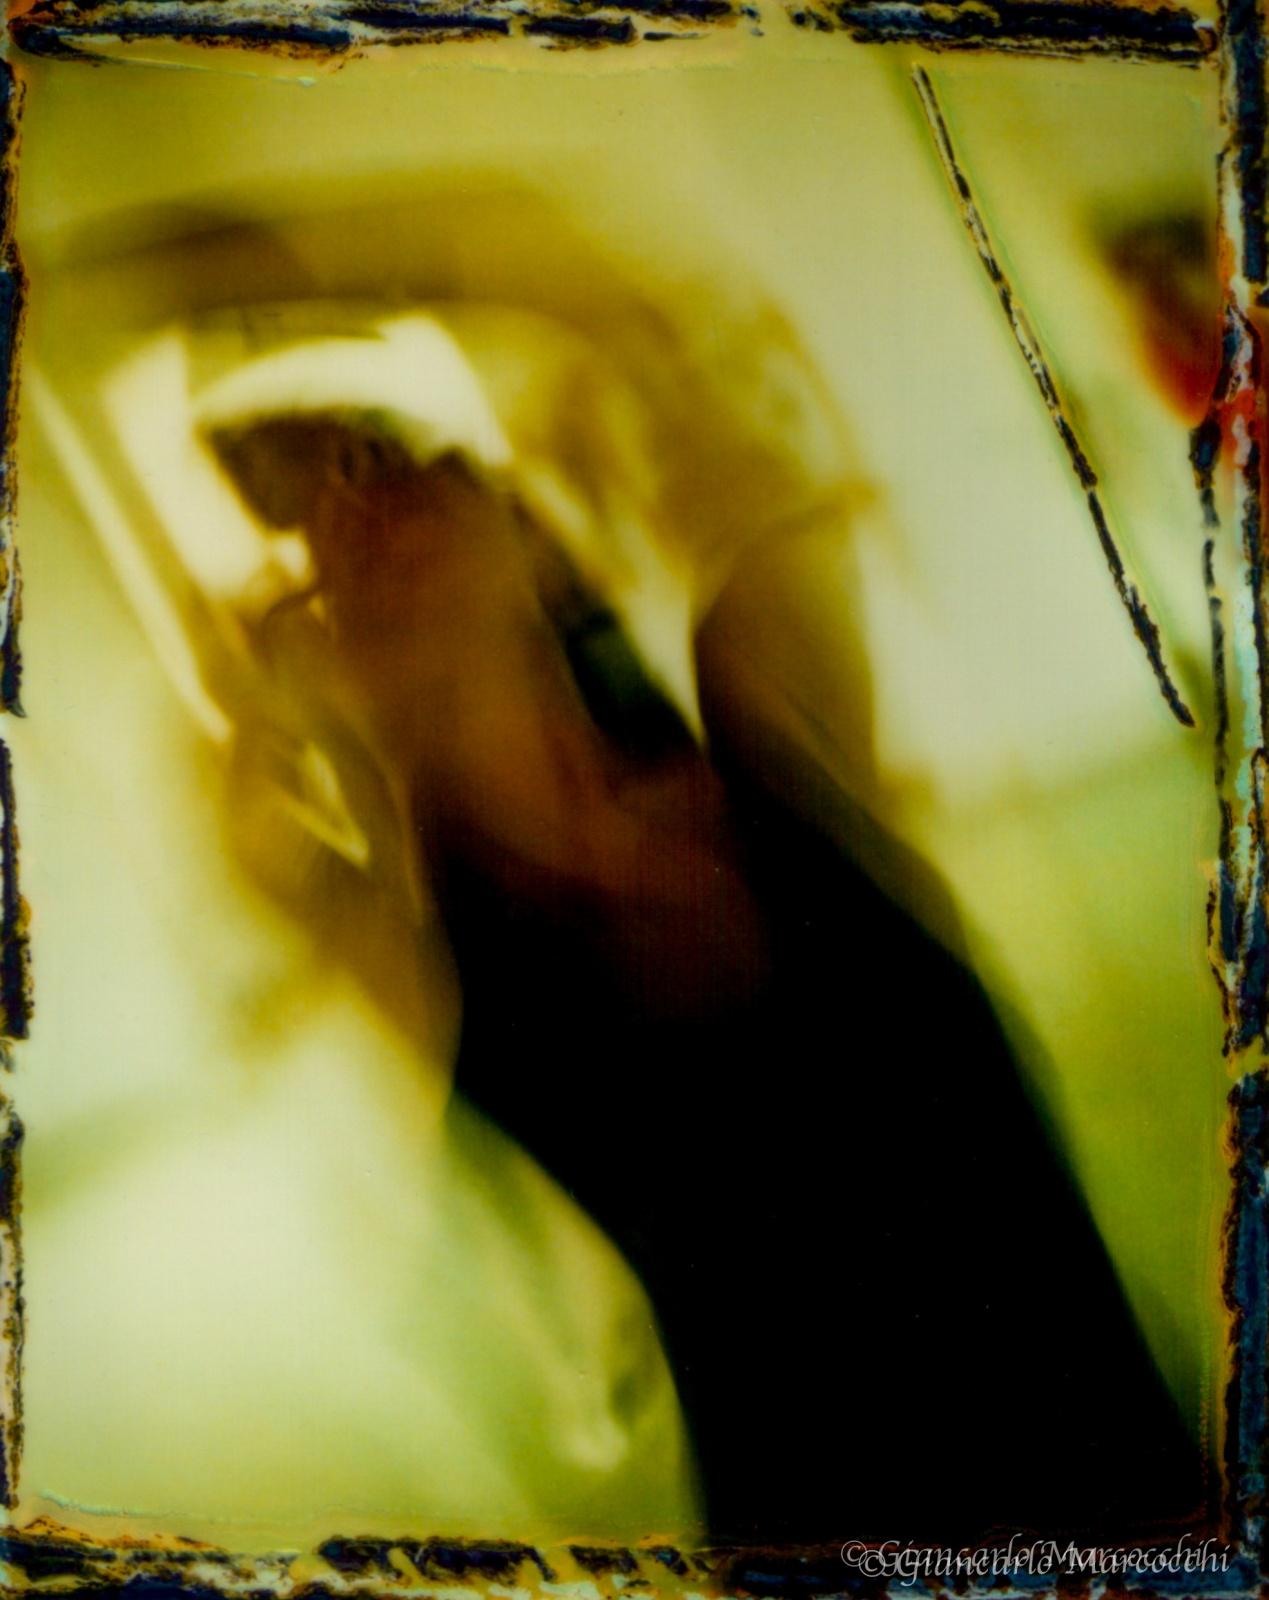 Danza in polaroid